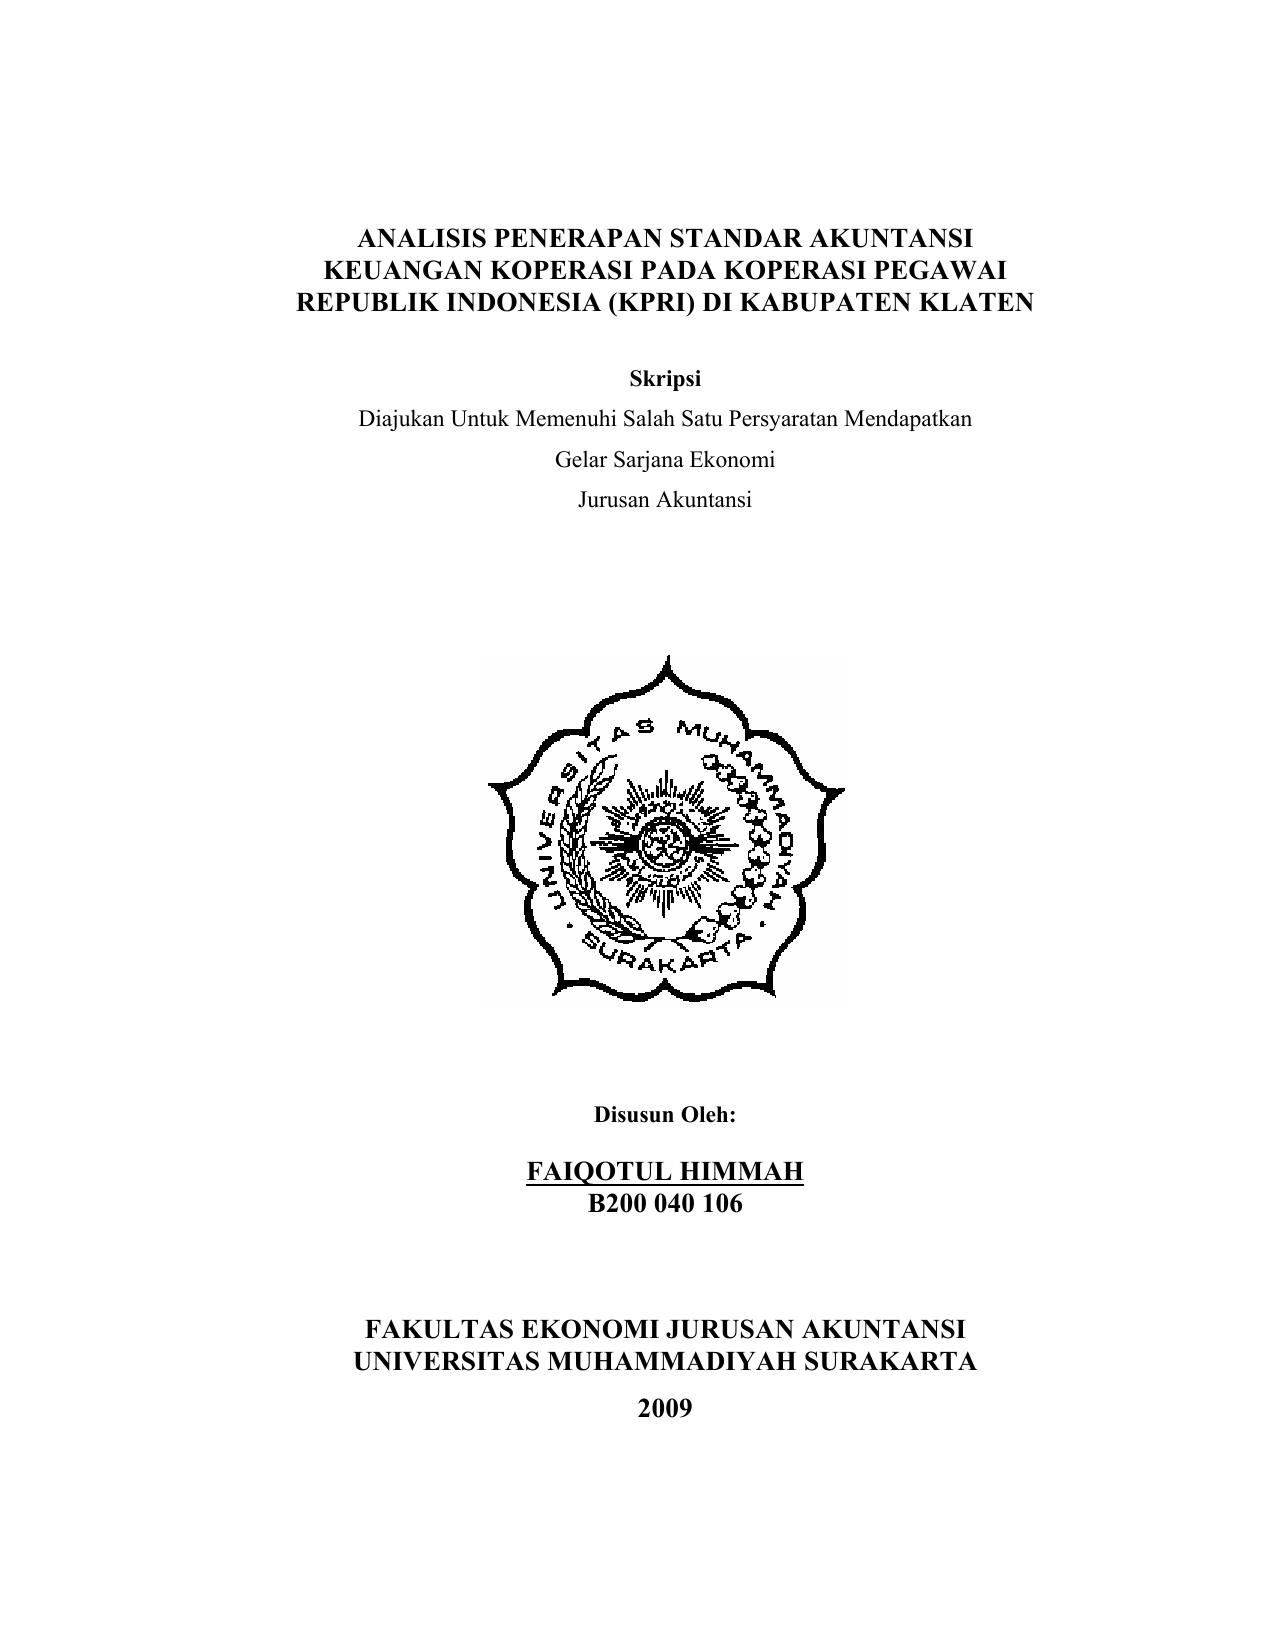 Analisis Penerapan Standar Akuntansi Keuangan Koperasi Pada